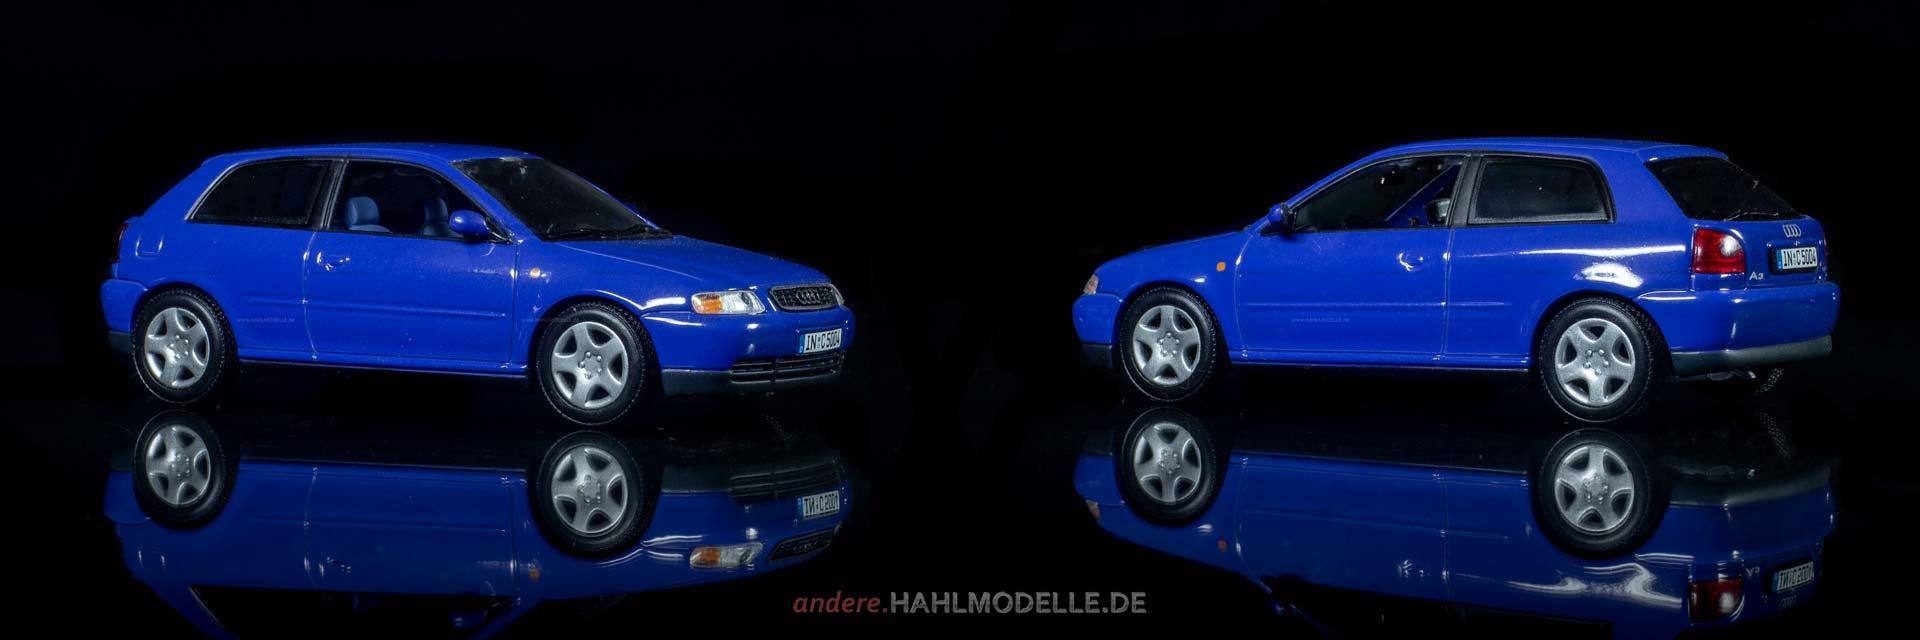 Audi A3 8L | Limousine | Minichamps | www.andere.hahlmodelle.de